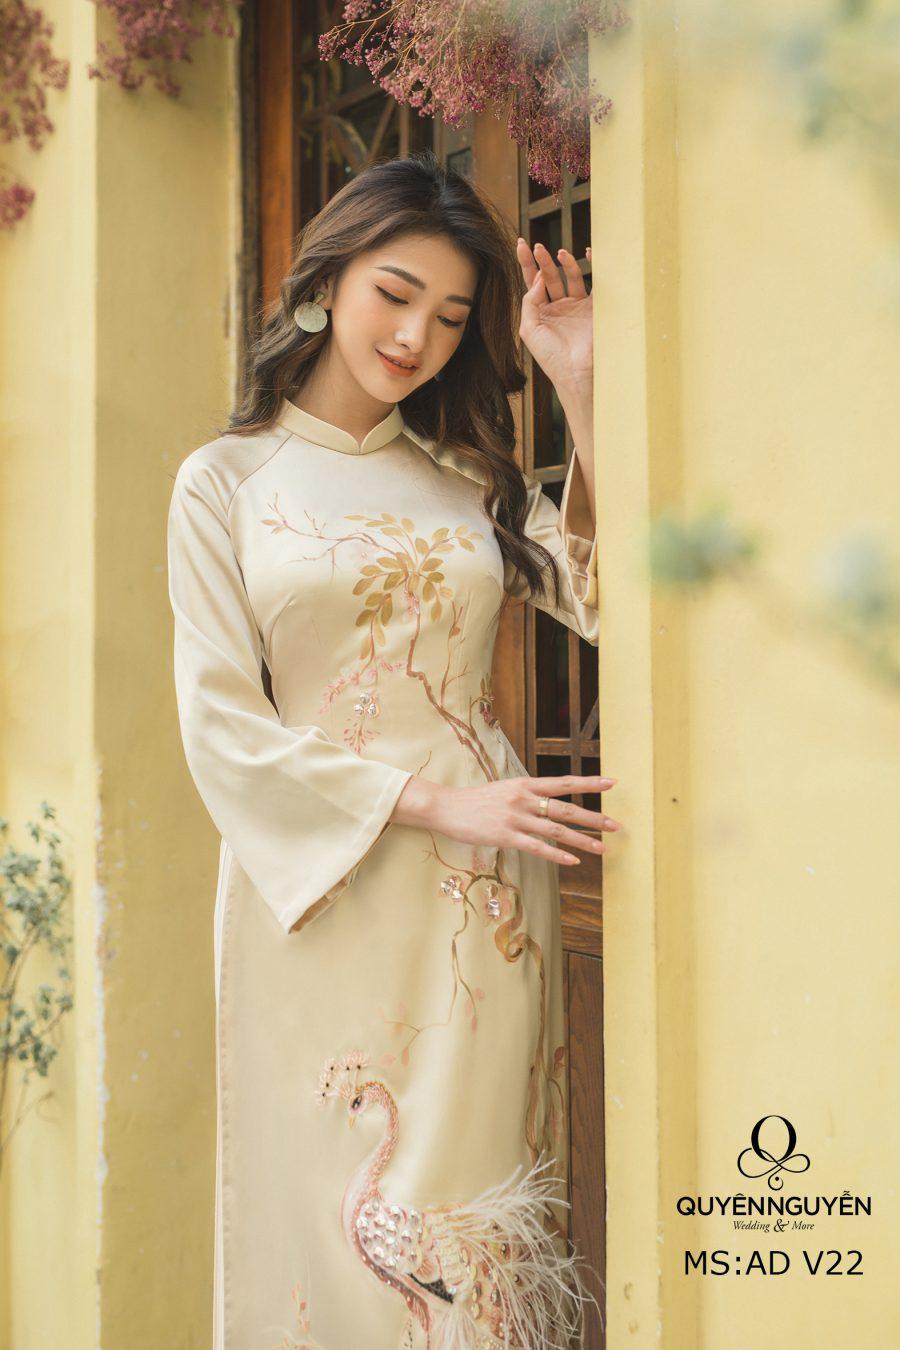 Top 8 mẫu áo dài ăn hỏi đẹp 2020 cho cô dâu chú rể